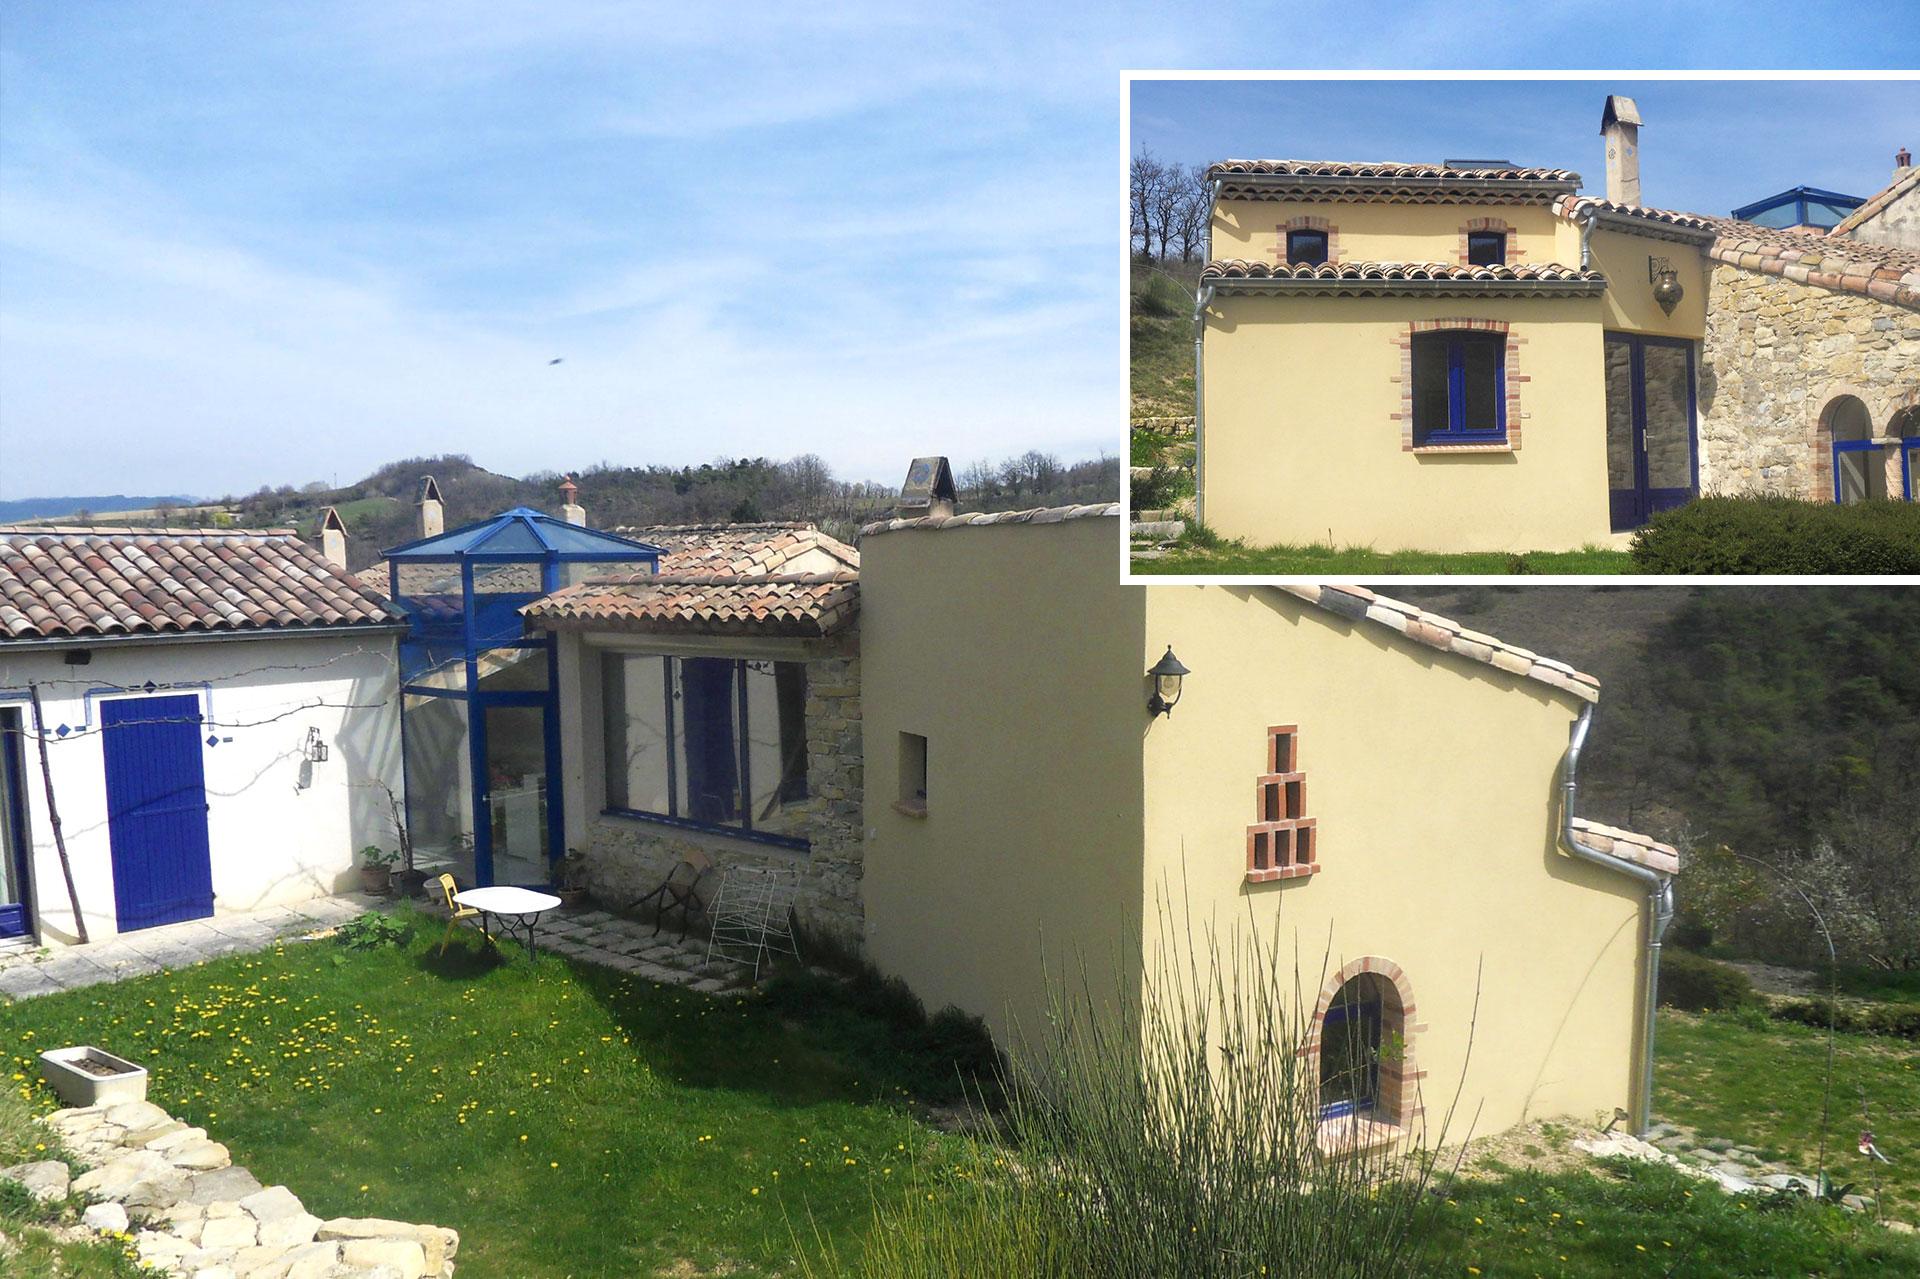 Extension de maison à Crest avec travaux de maçonnerie, charpente, couverture et aménagements intérieurs.